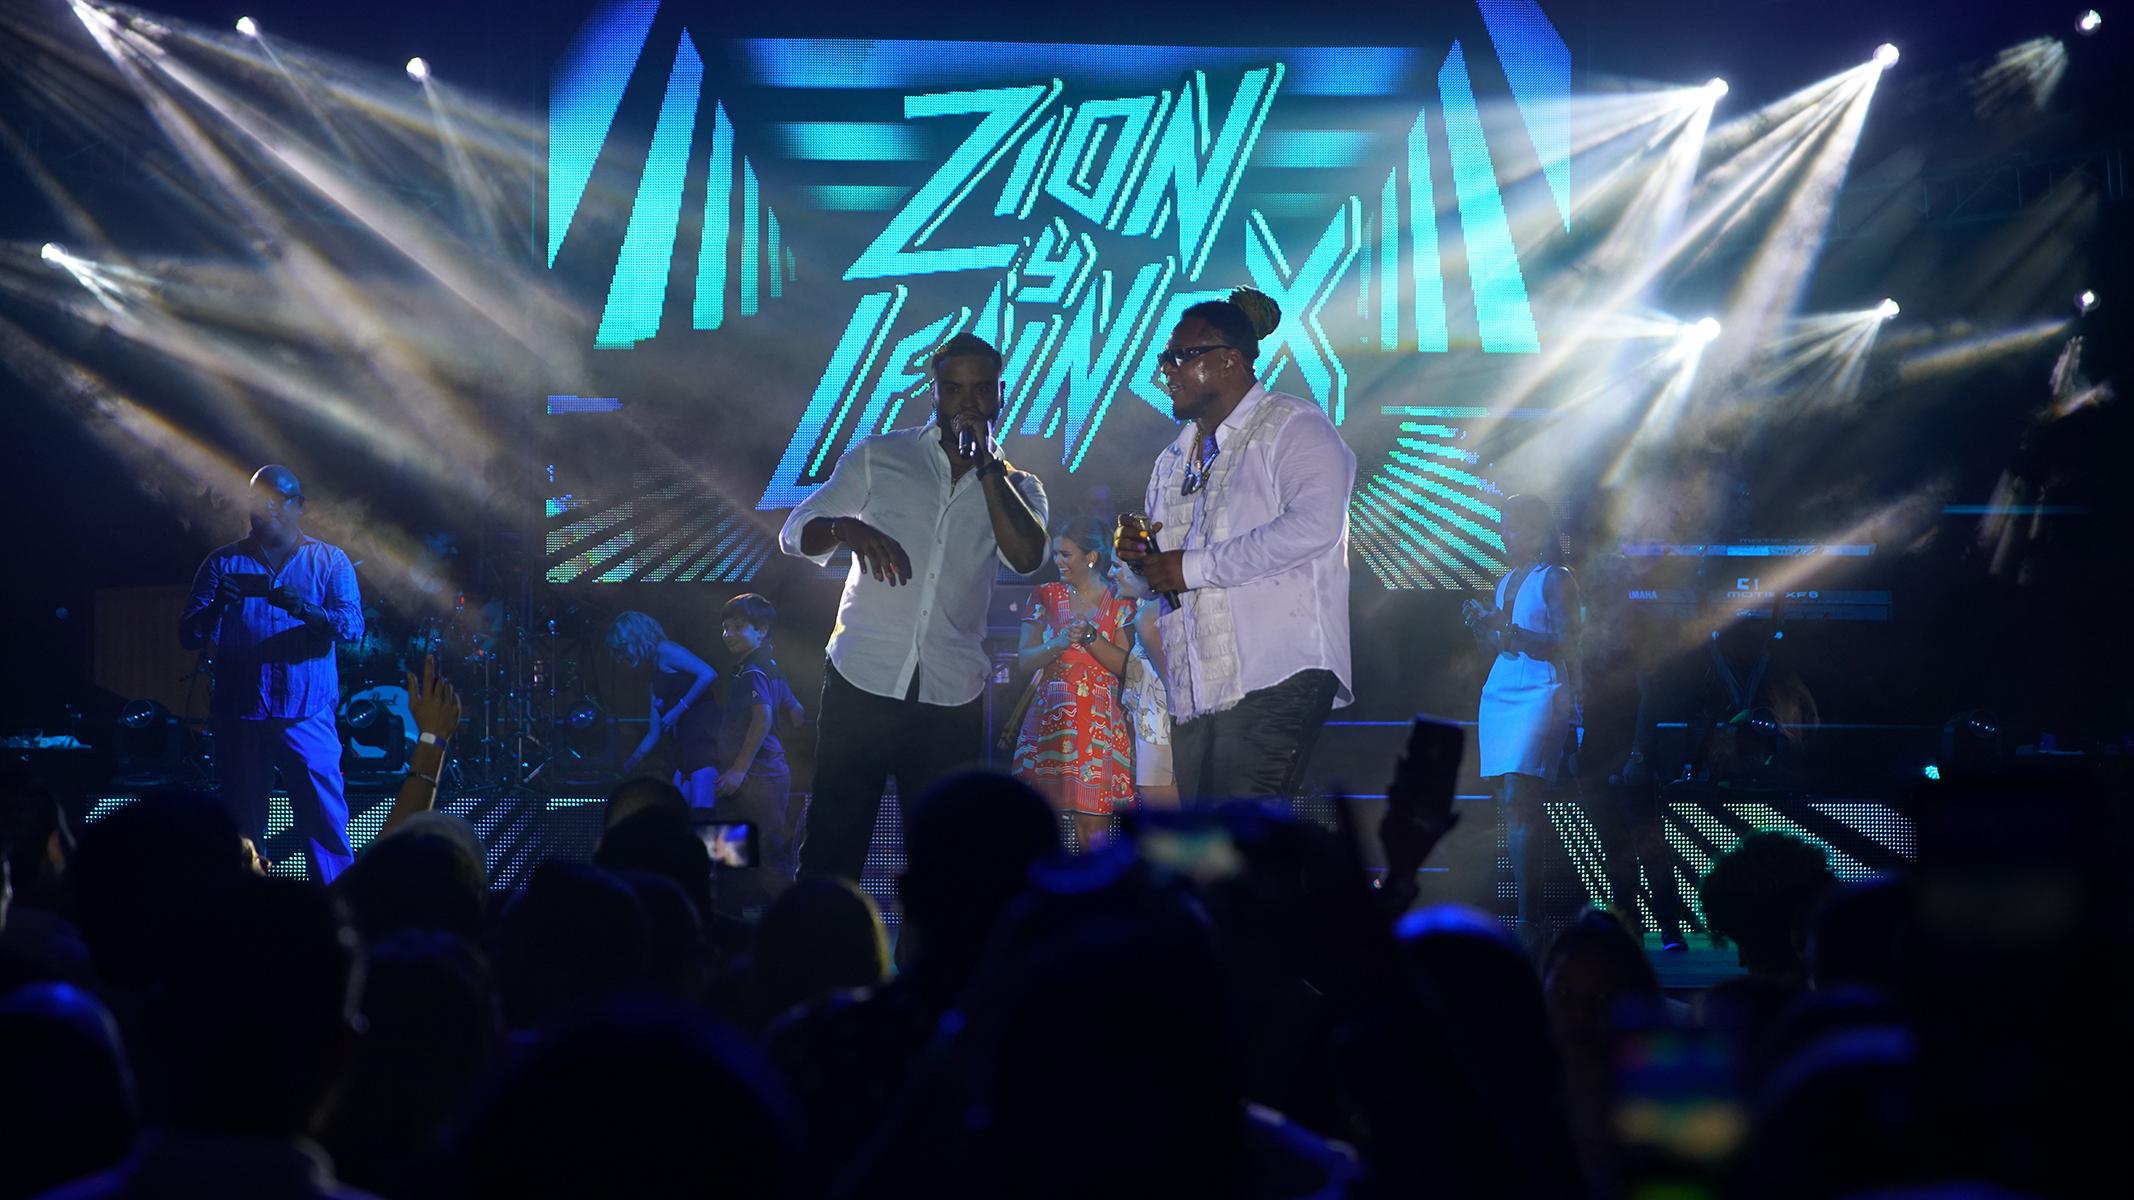 La fiesta contó con la participación de Zion y Lennox. Suministrada